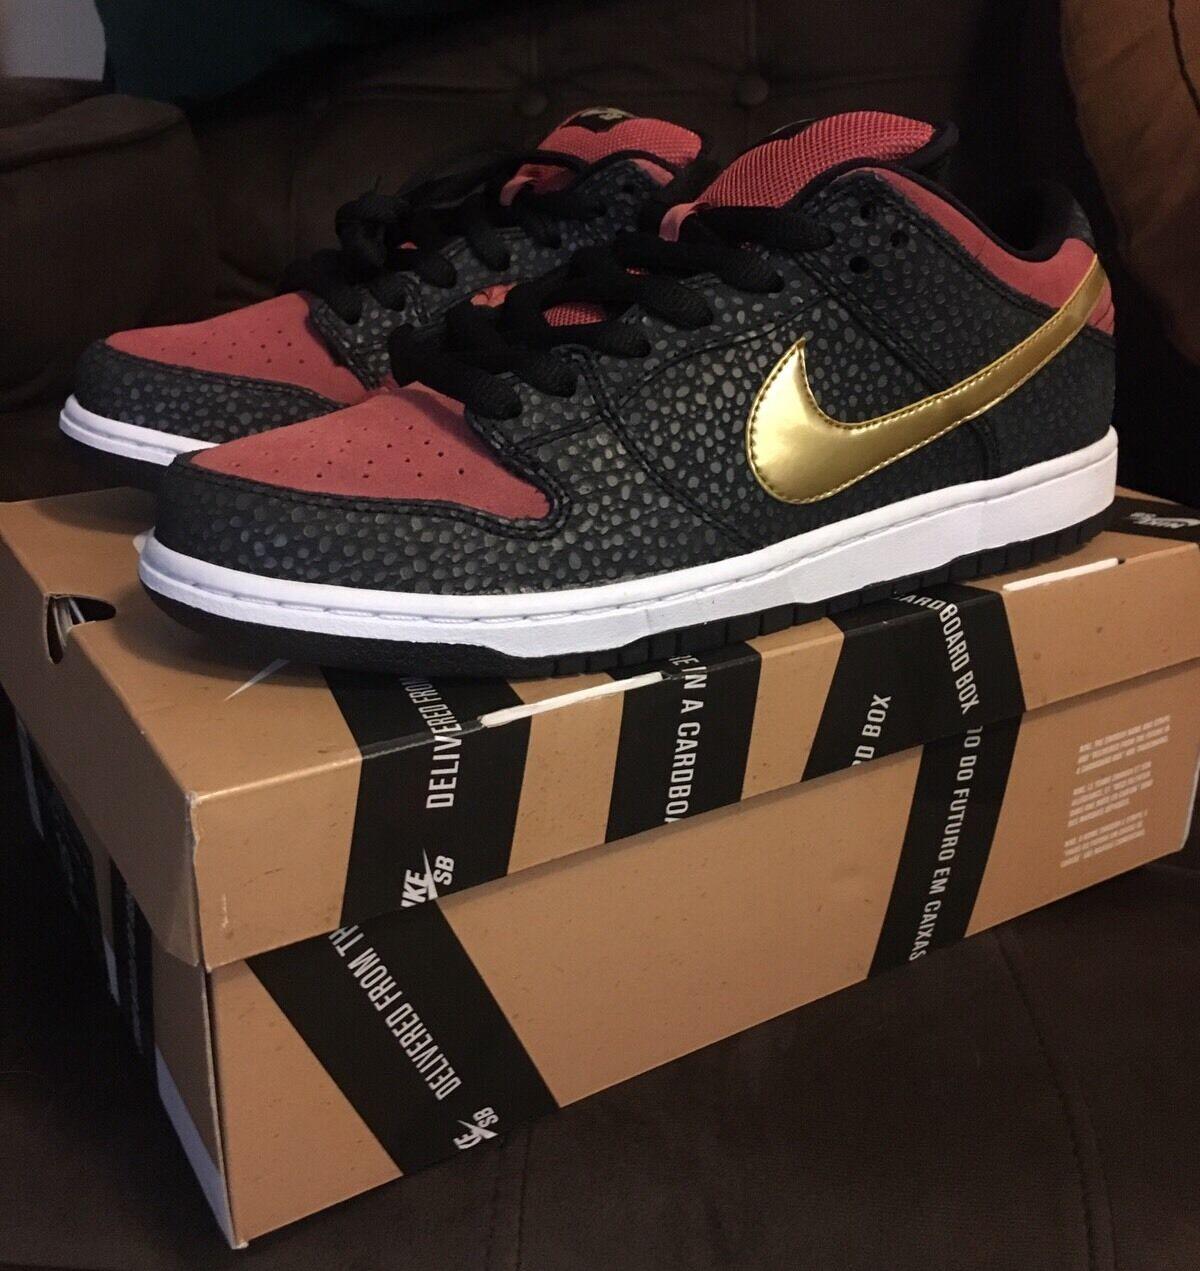 Nike Dunk Low Premium SB BROOKLYN PROJECTS BP WALK OF FAME Quickstrike 10 Safari